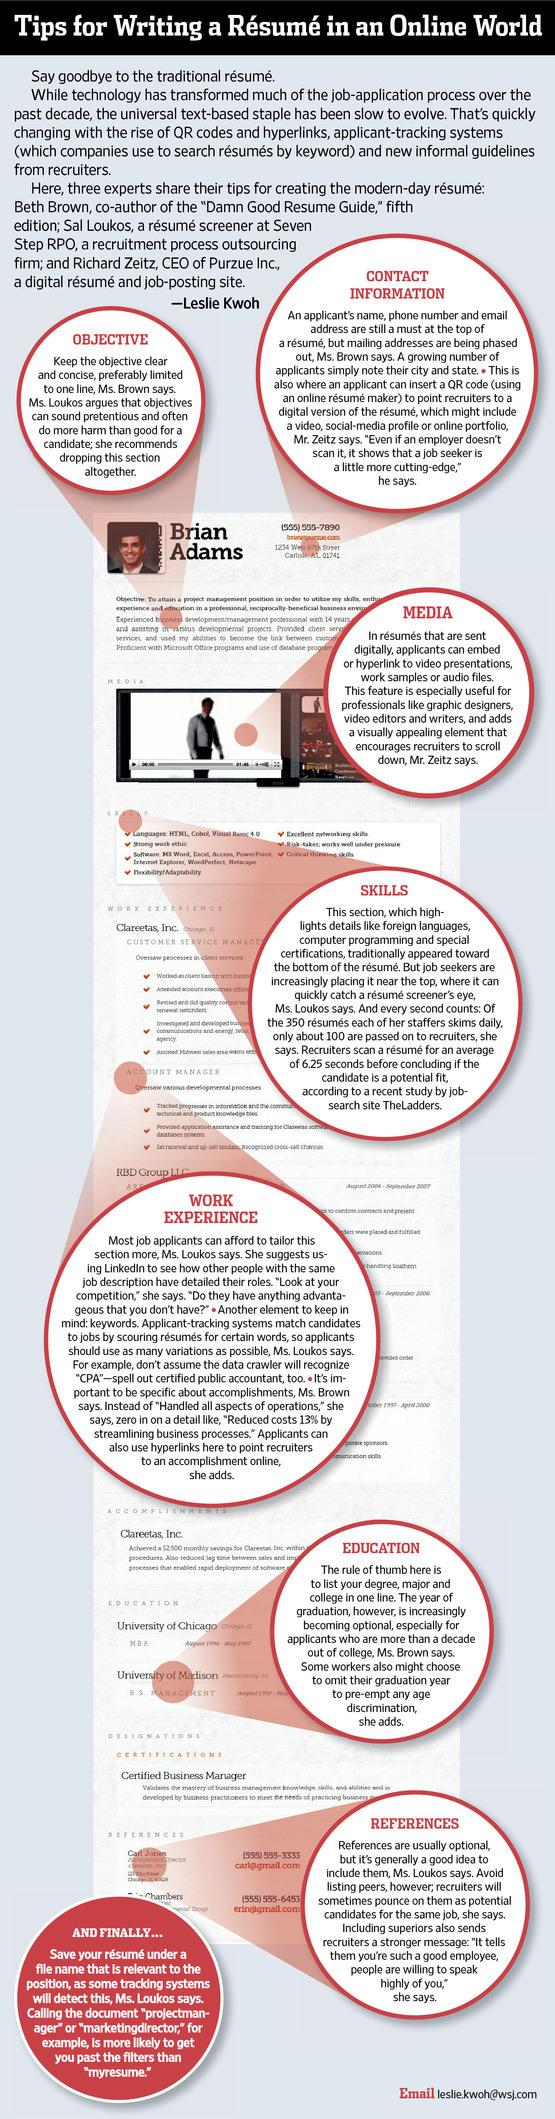 WSJ Whose Résumé Was That? Job search, Resume tips